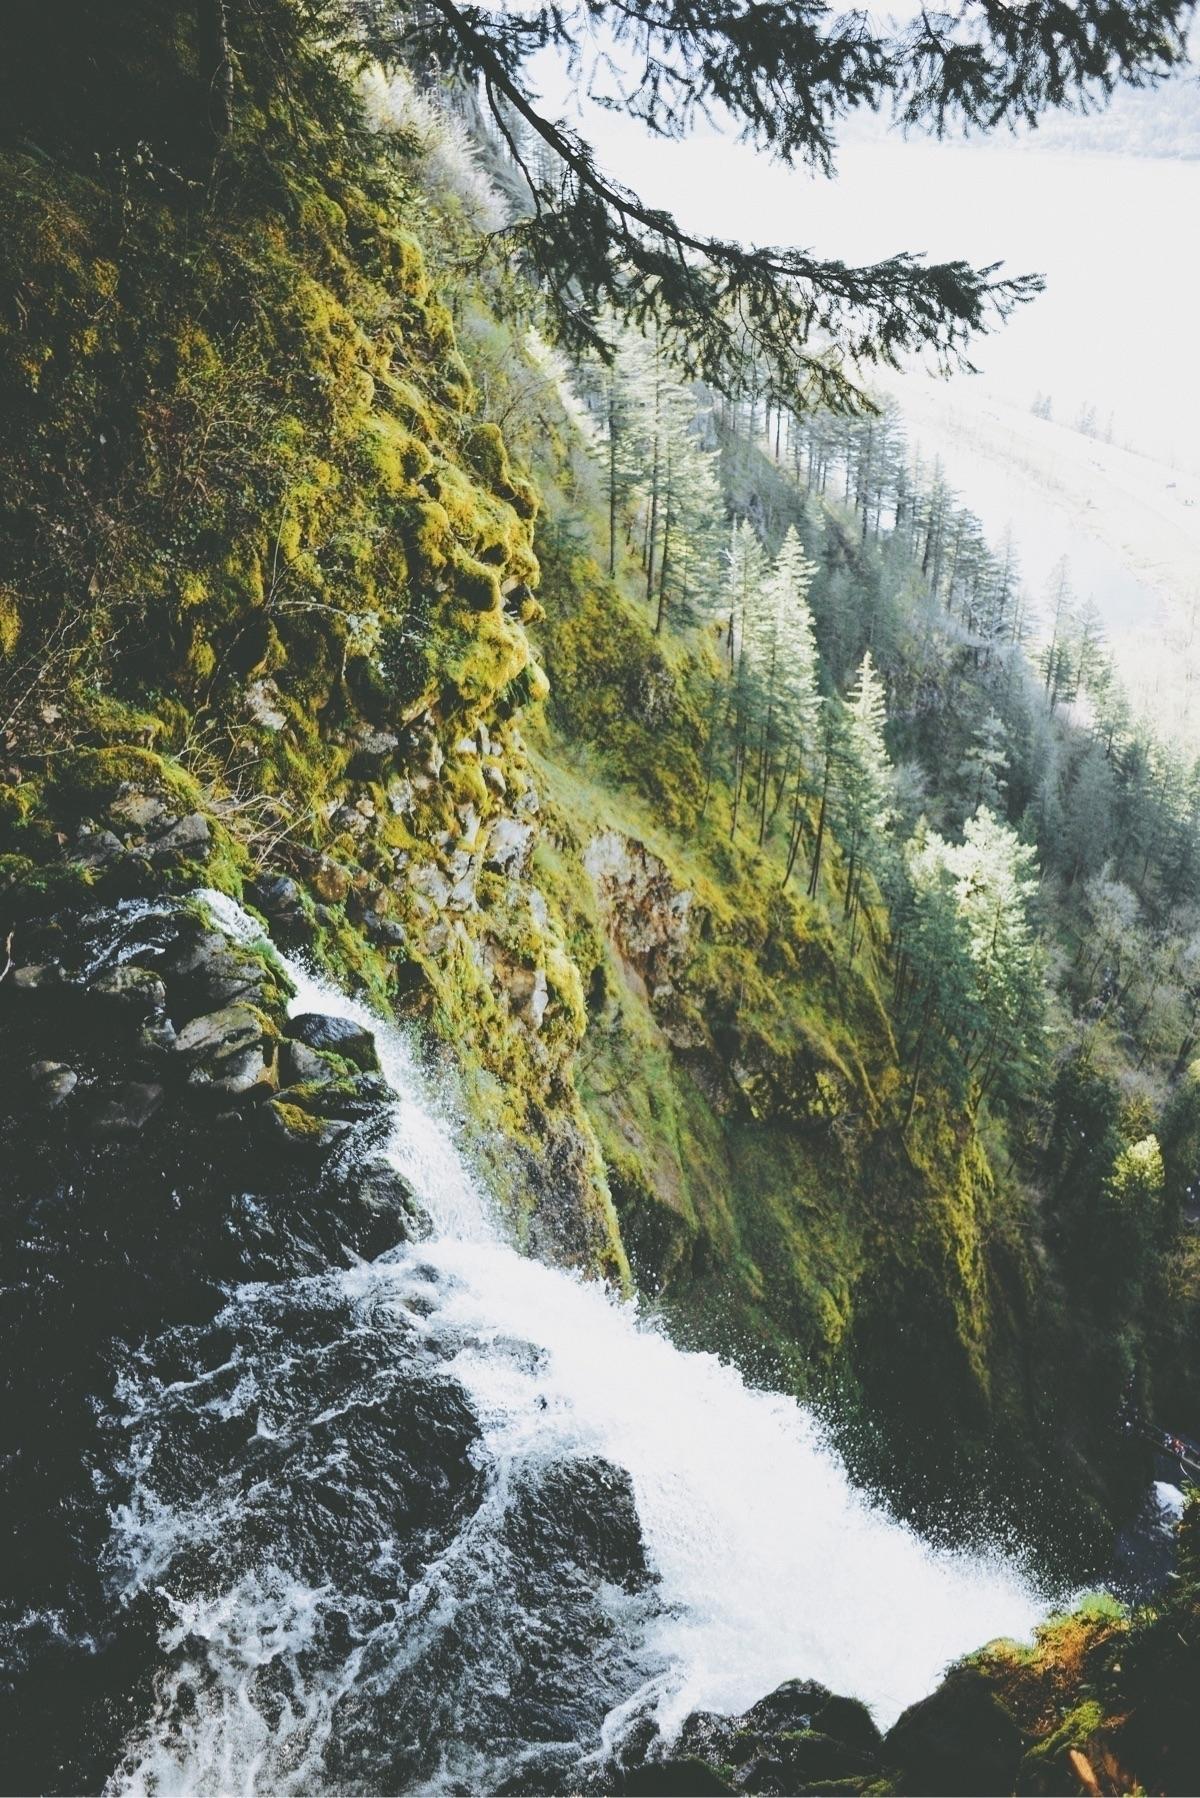 long Multnomah Waterfall, / fol - davidarias | ello